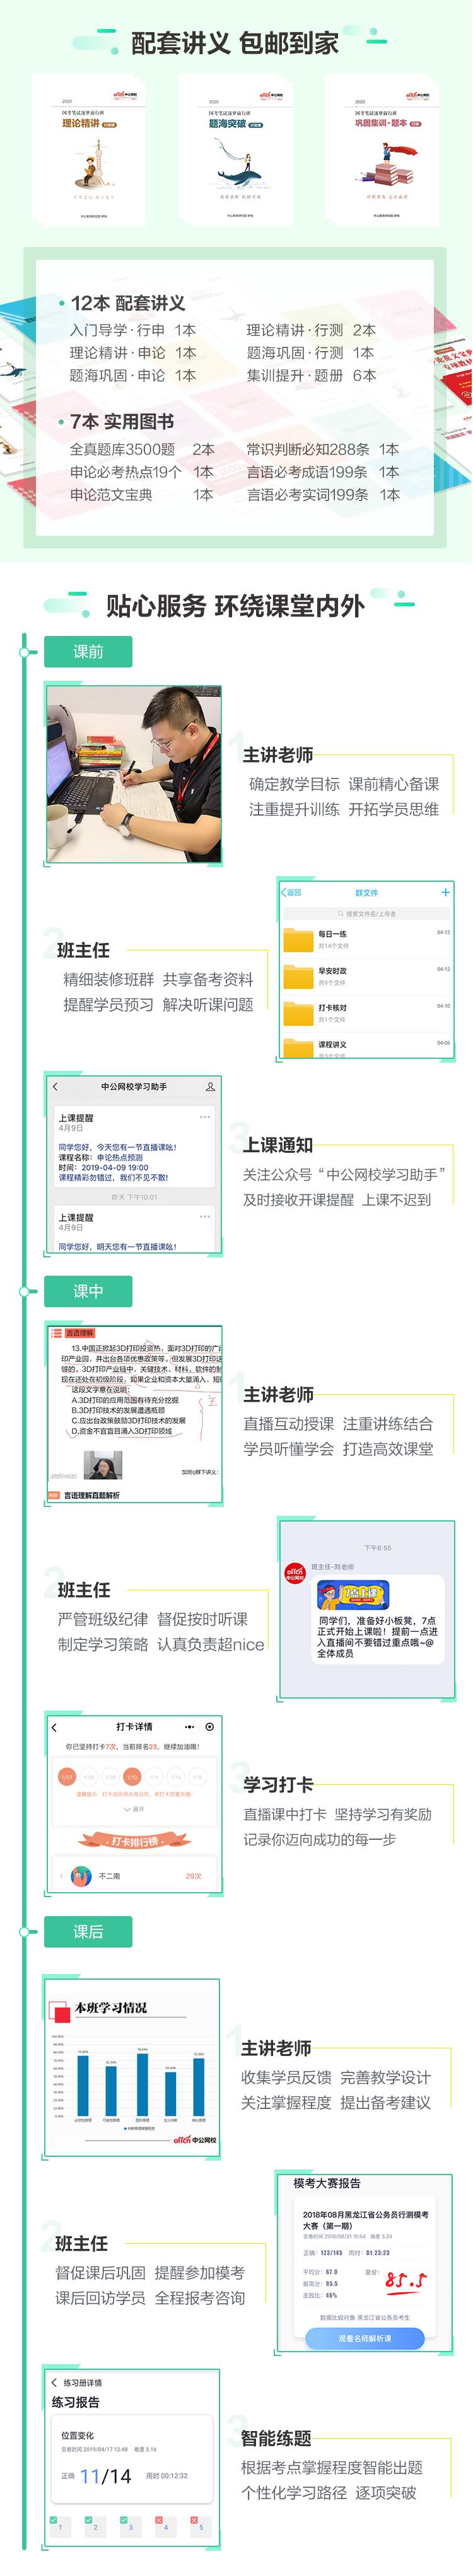 国考智胜班课详页-网校位置_02.png